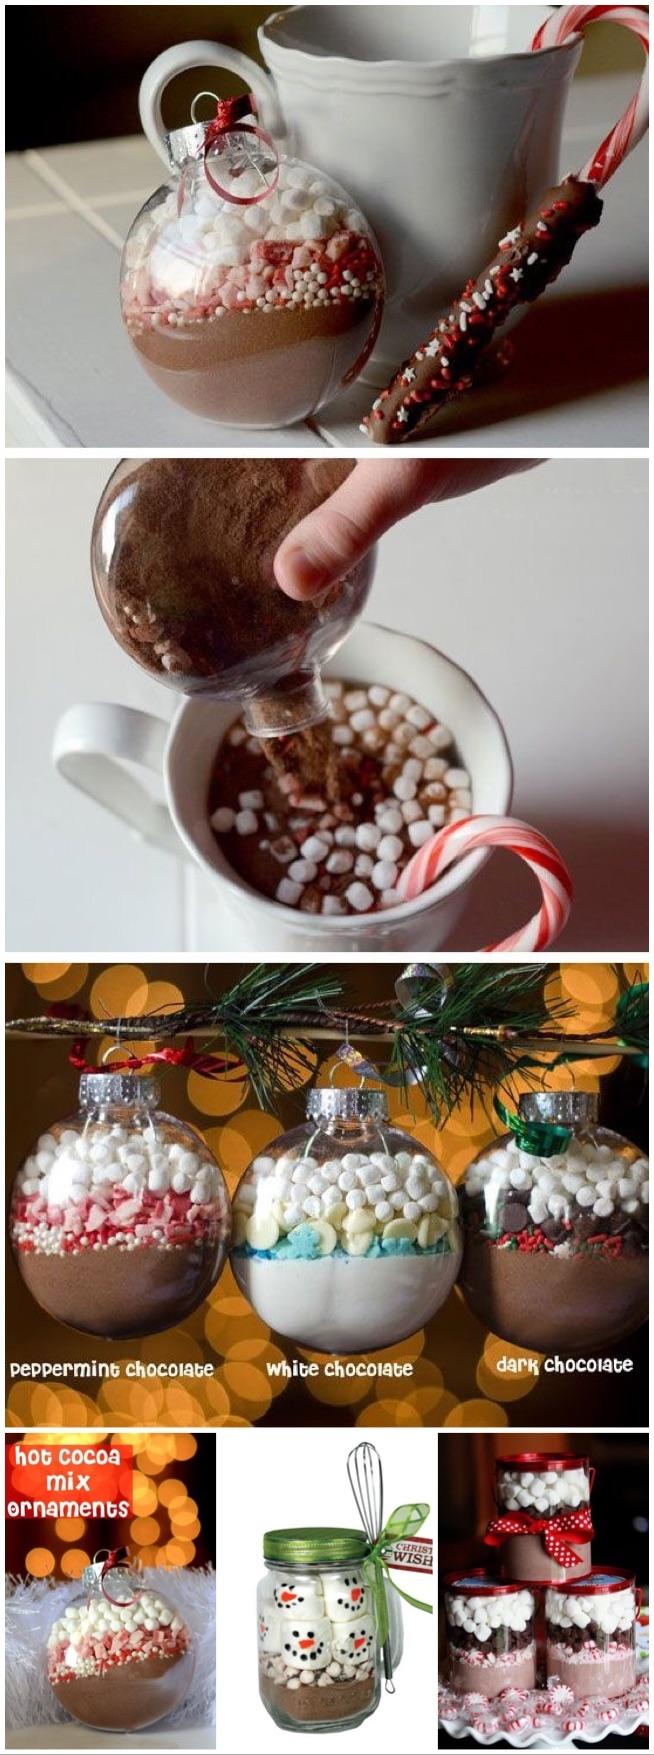 podstawa w swieta jest gorąca czekolada albo kakao